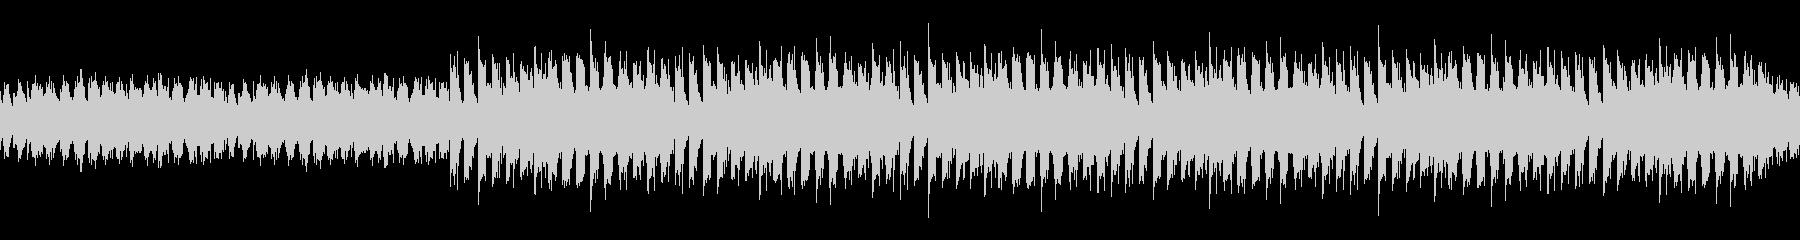 ループ:前進感あるシンプルなハウスビートの未再生の波形